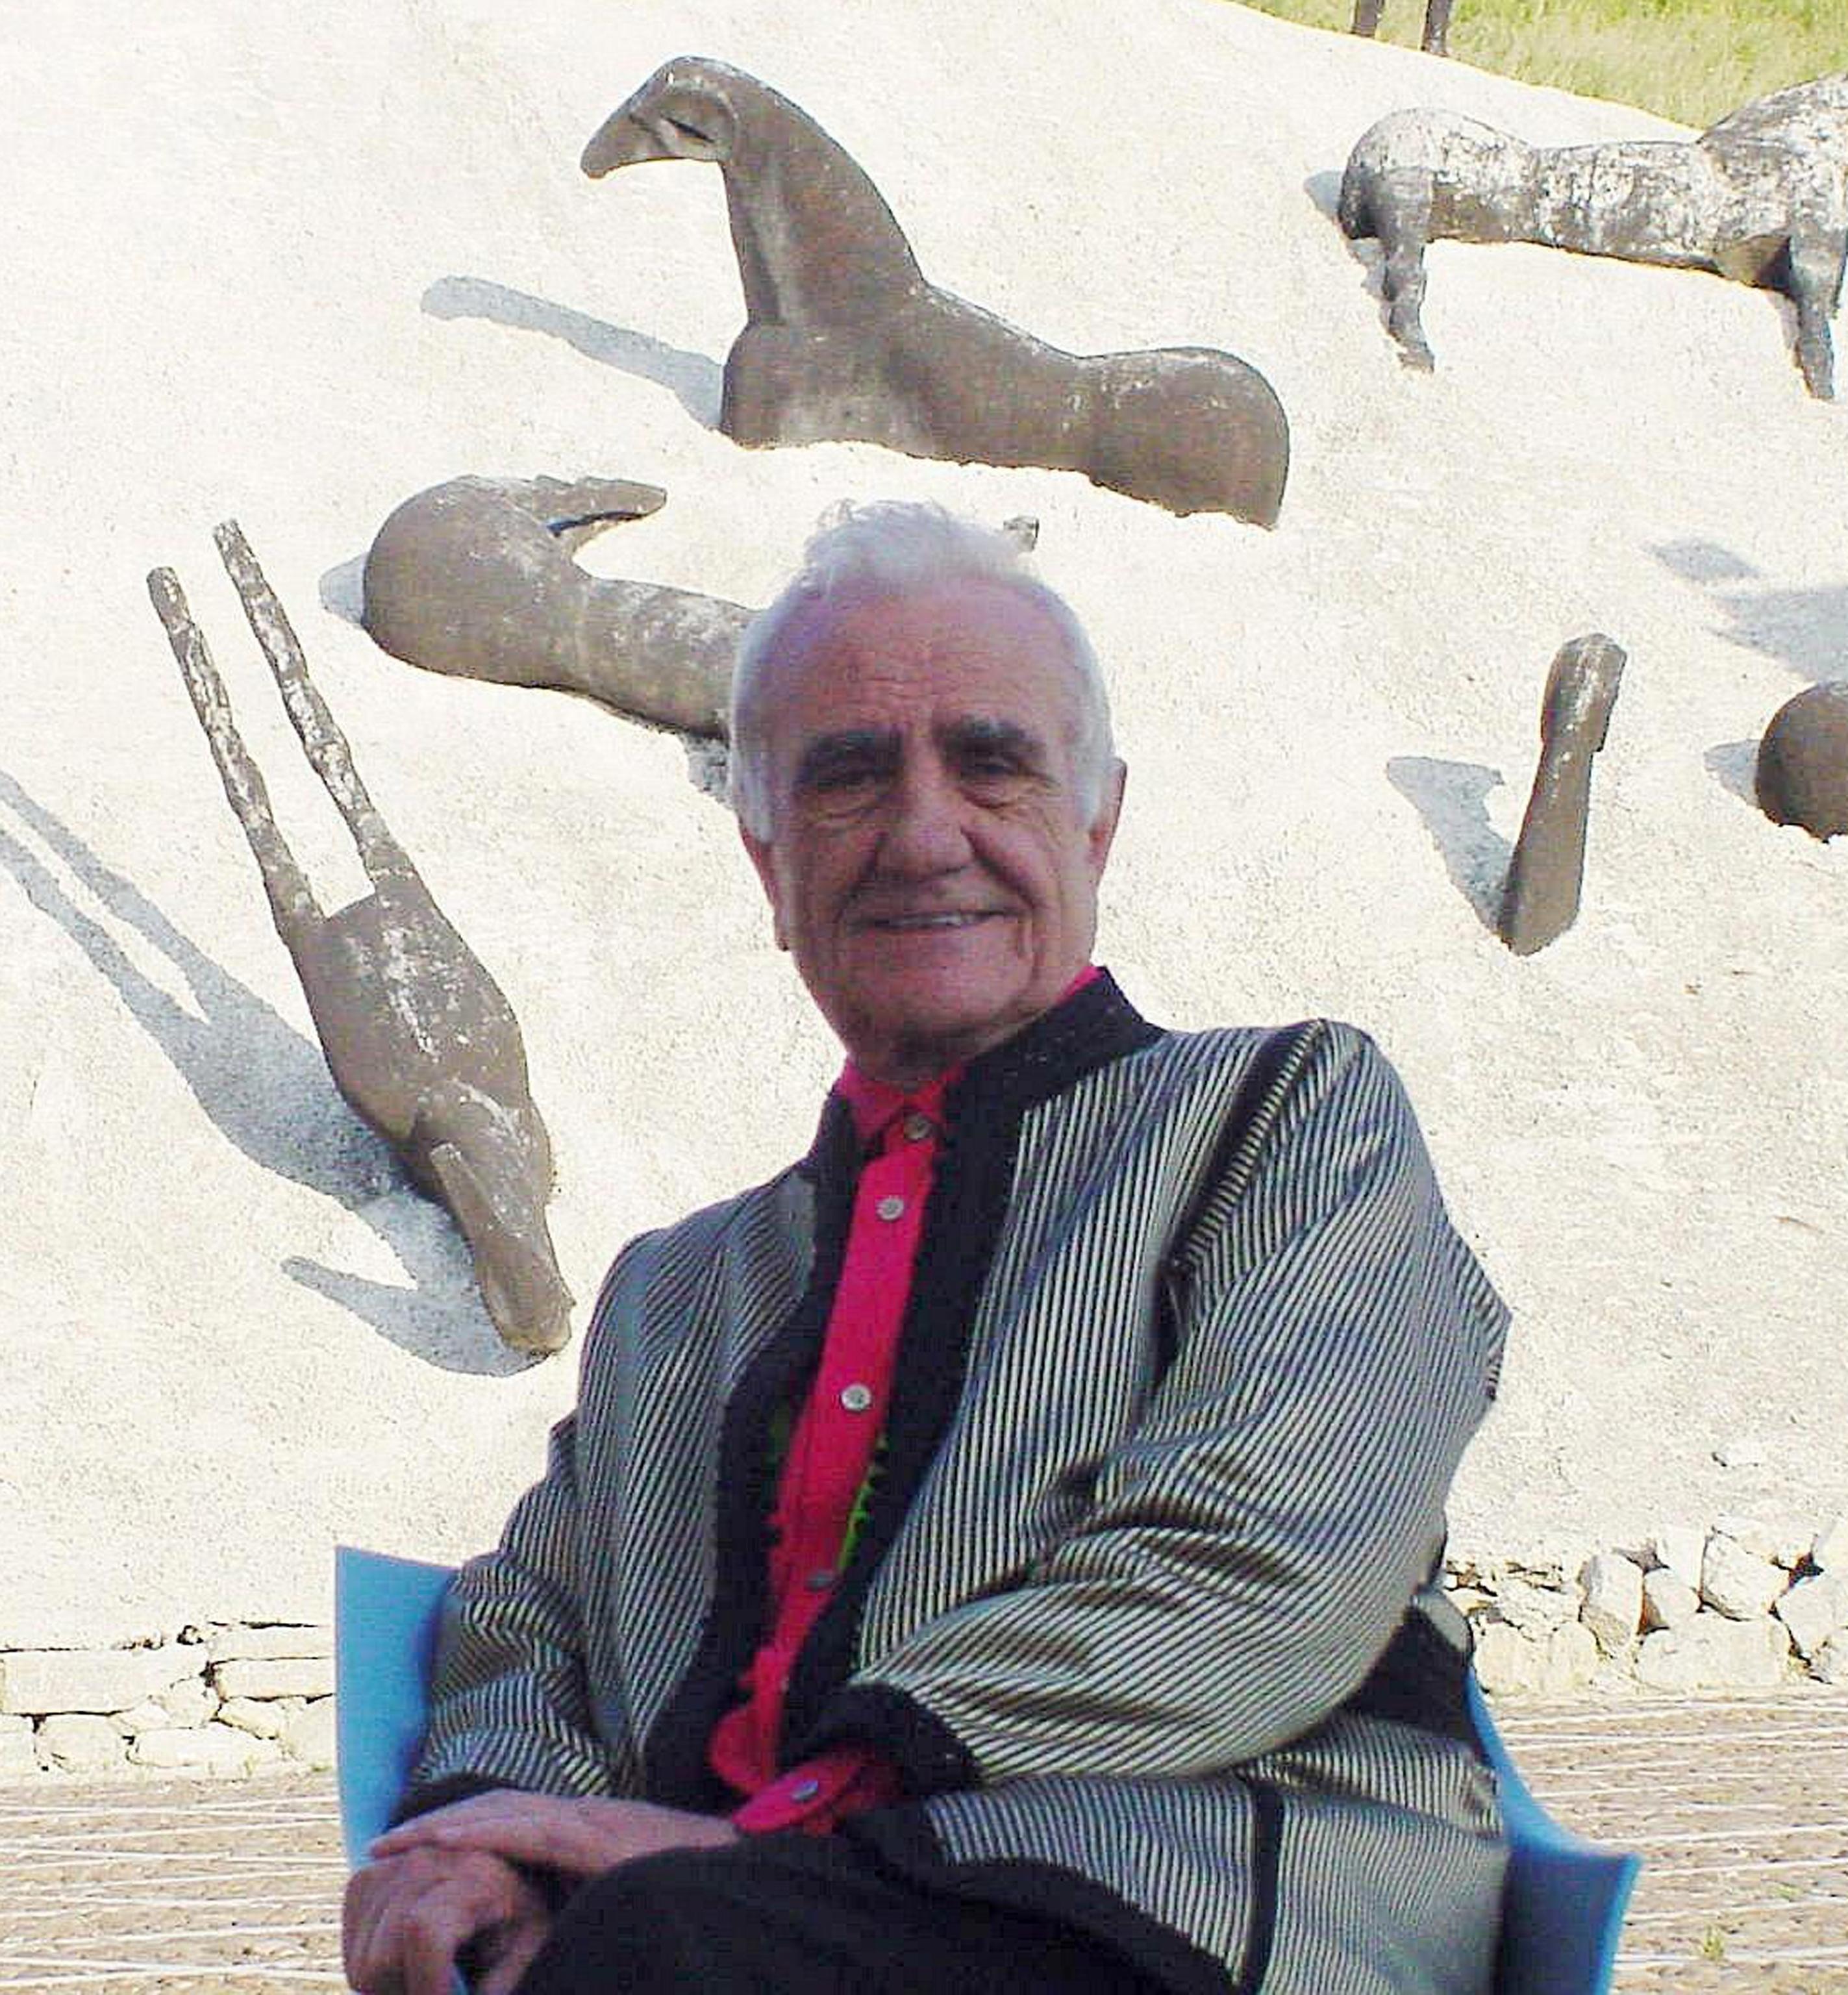 Il Senatore Ludovico Corrao, fondatore della Fondazione Orestiadi